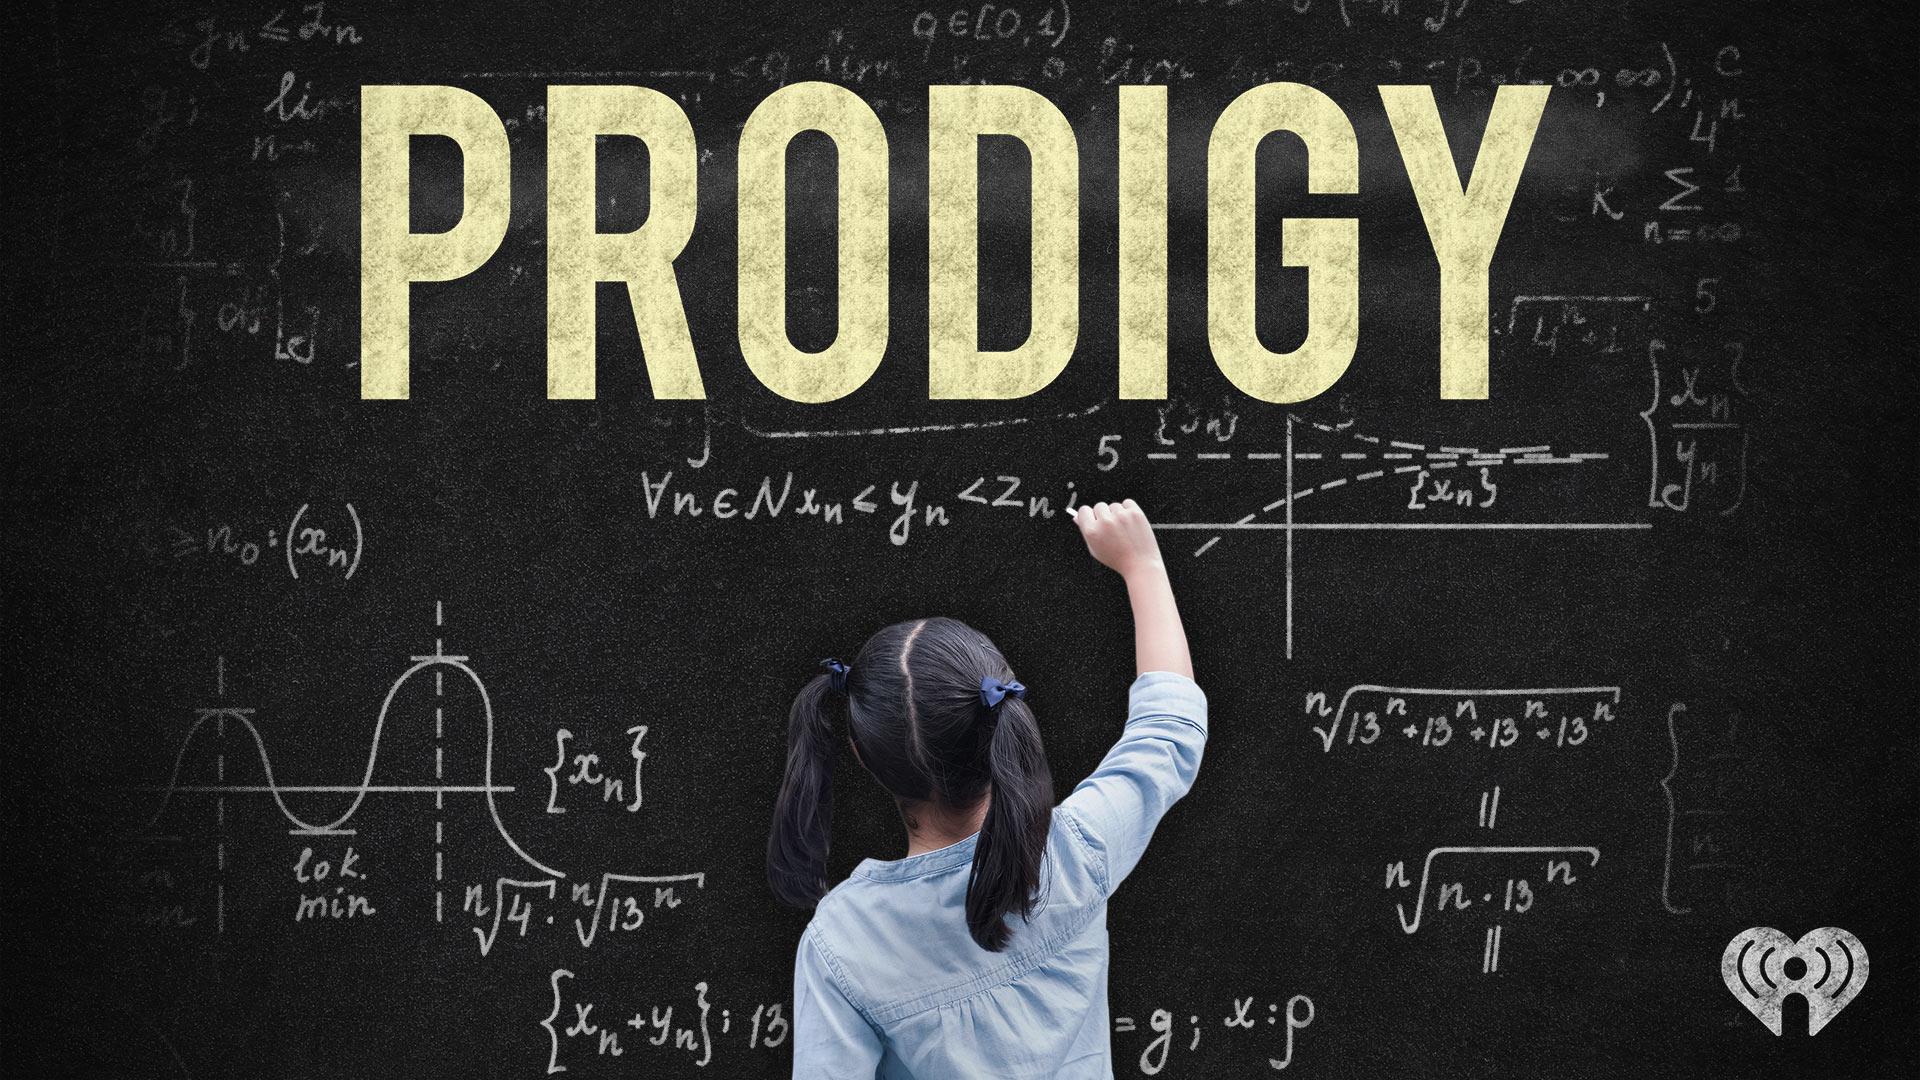 Prodigy-1920x1080-2